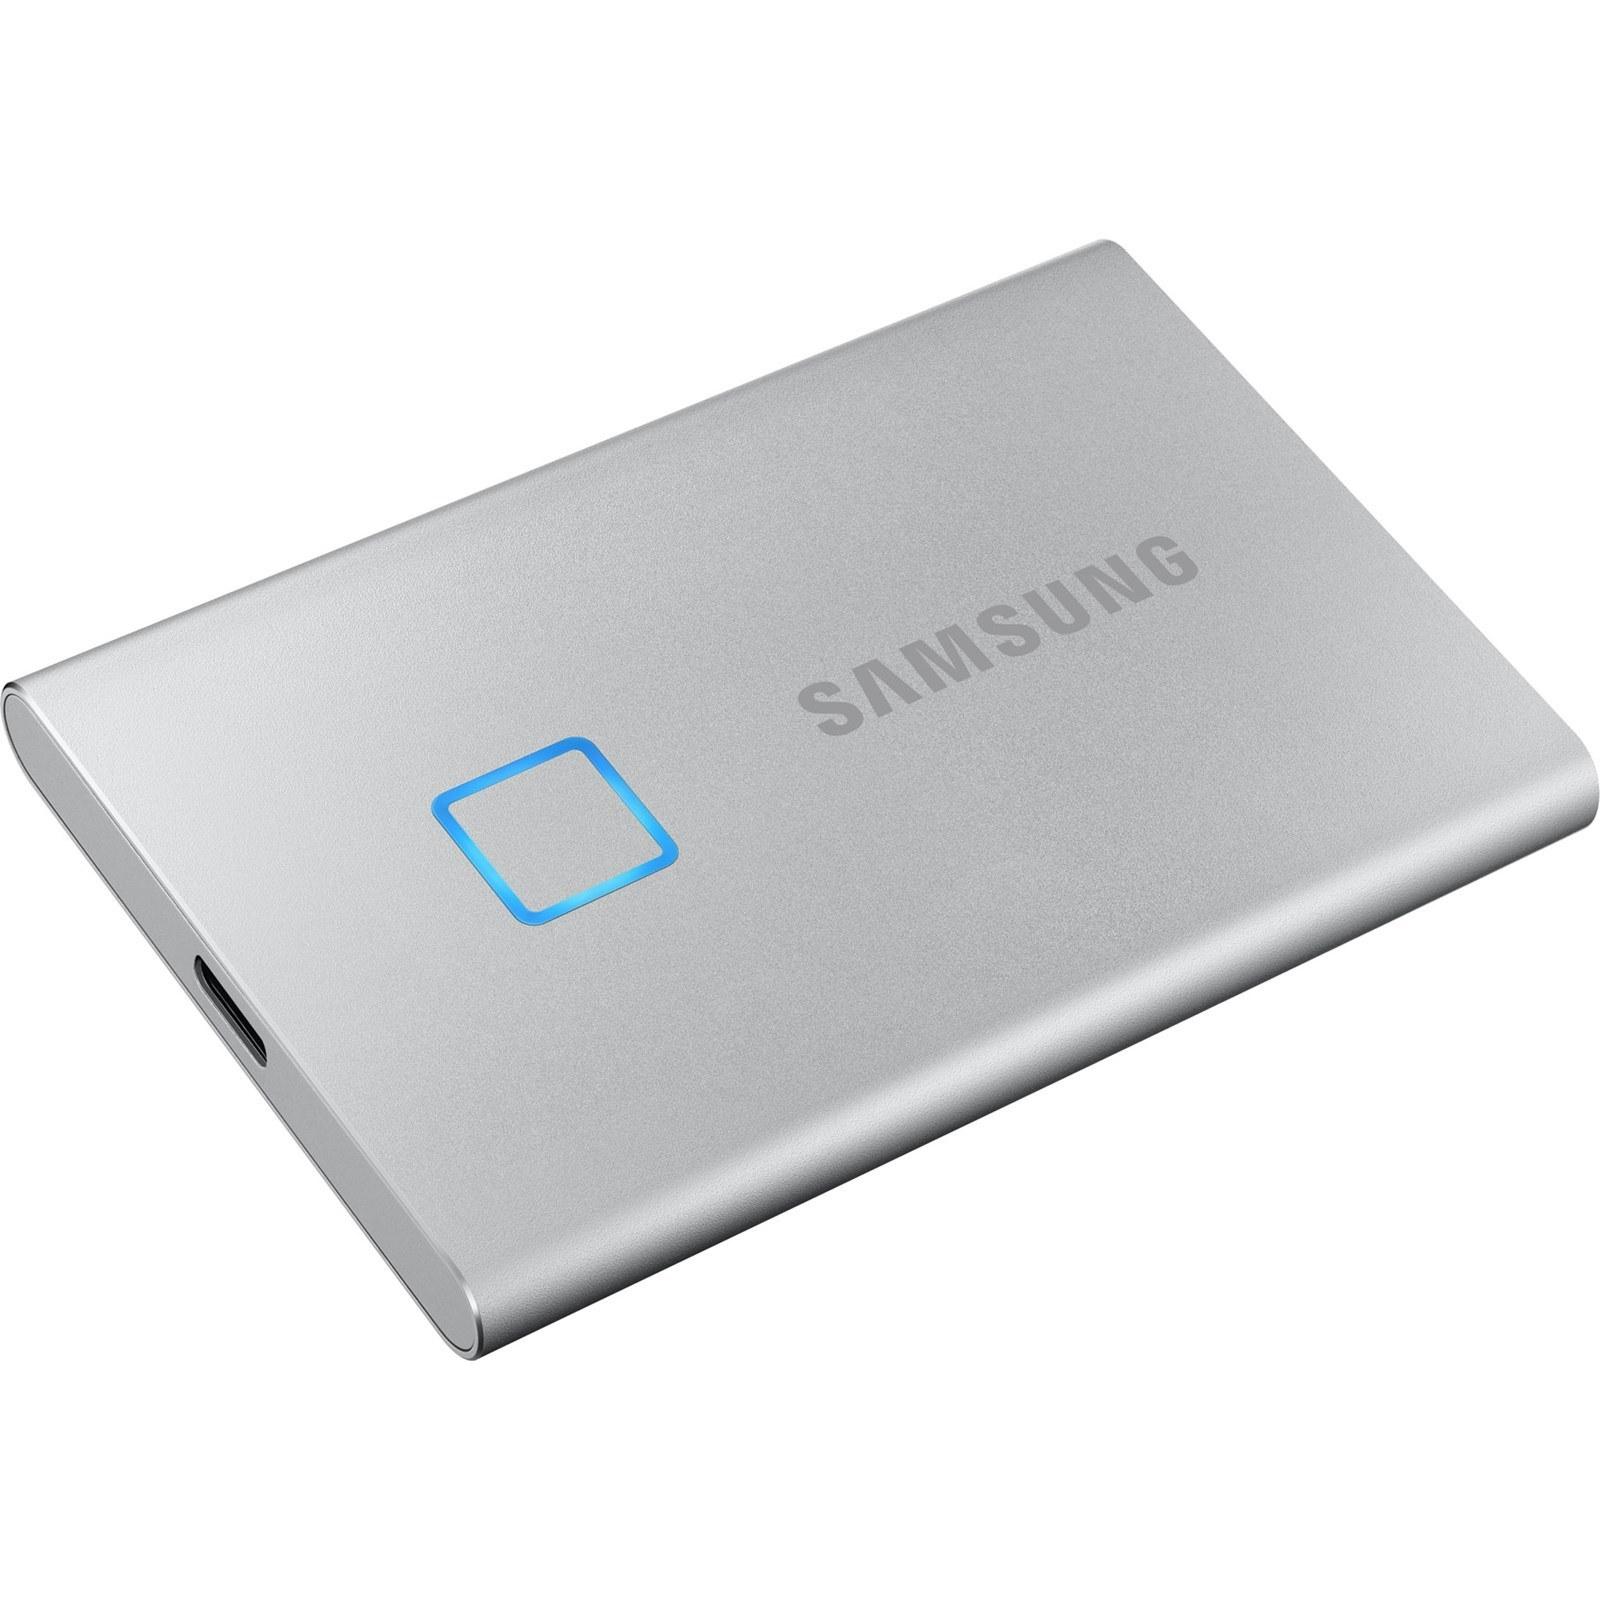 تصویر اس اس دی اکسترنال سامسونگ مدل T7 ظرفیت 500گیگابایت Samsung T7 External SSD Drive - 500GB